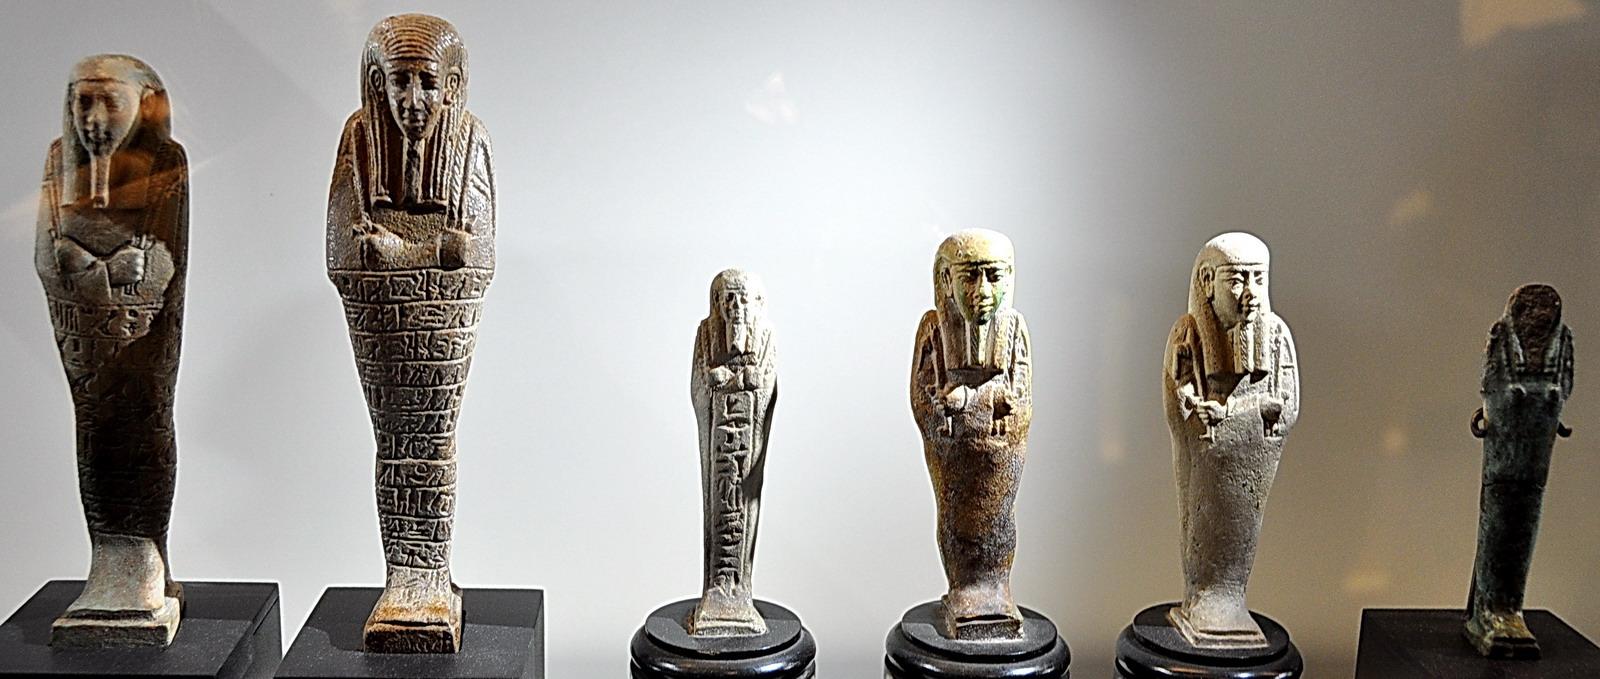 Musée Curtius - oushbetis